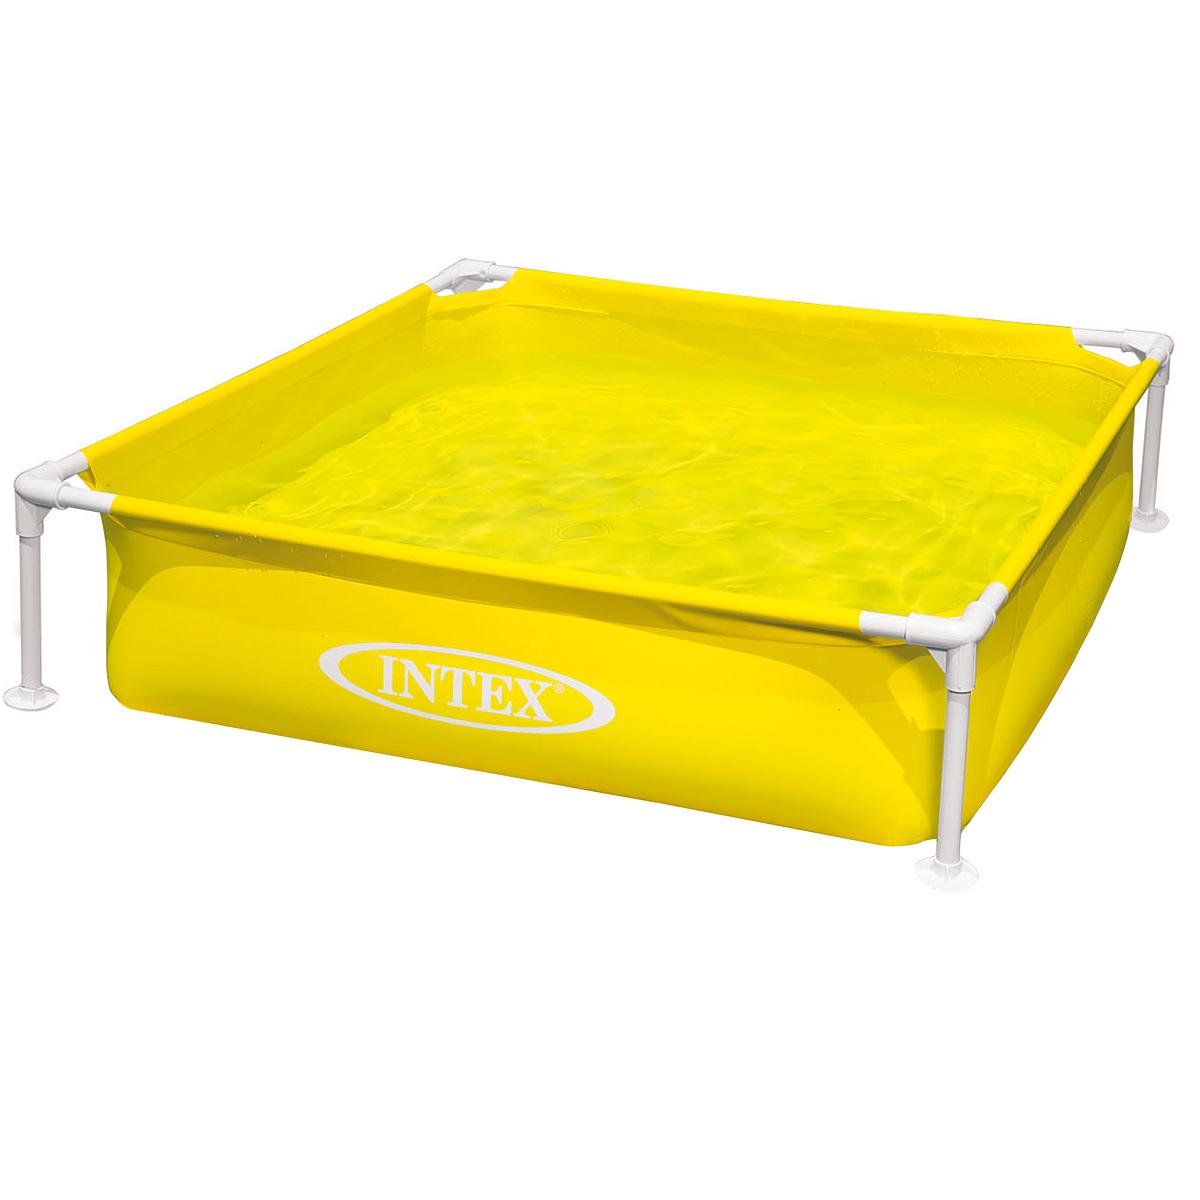 Бассейн Intex, каркасный, цвет: желтый, 122 см х 30 см каркасный бассейн intex 26734np 457х107 см